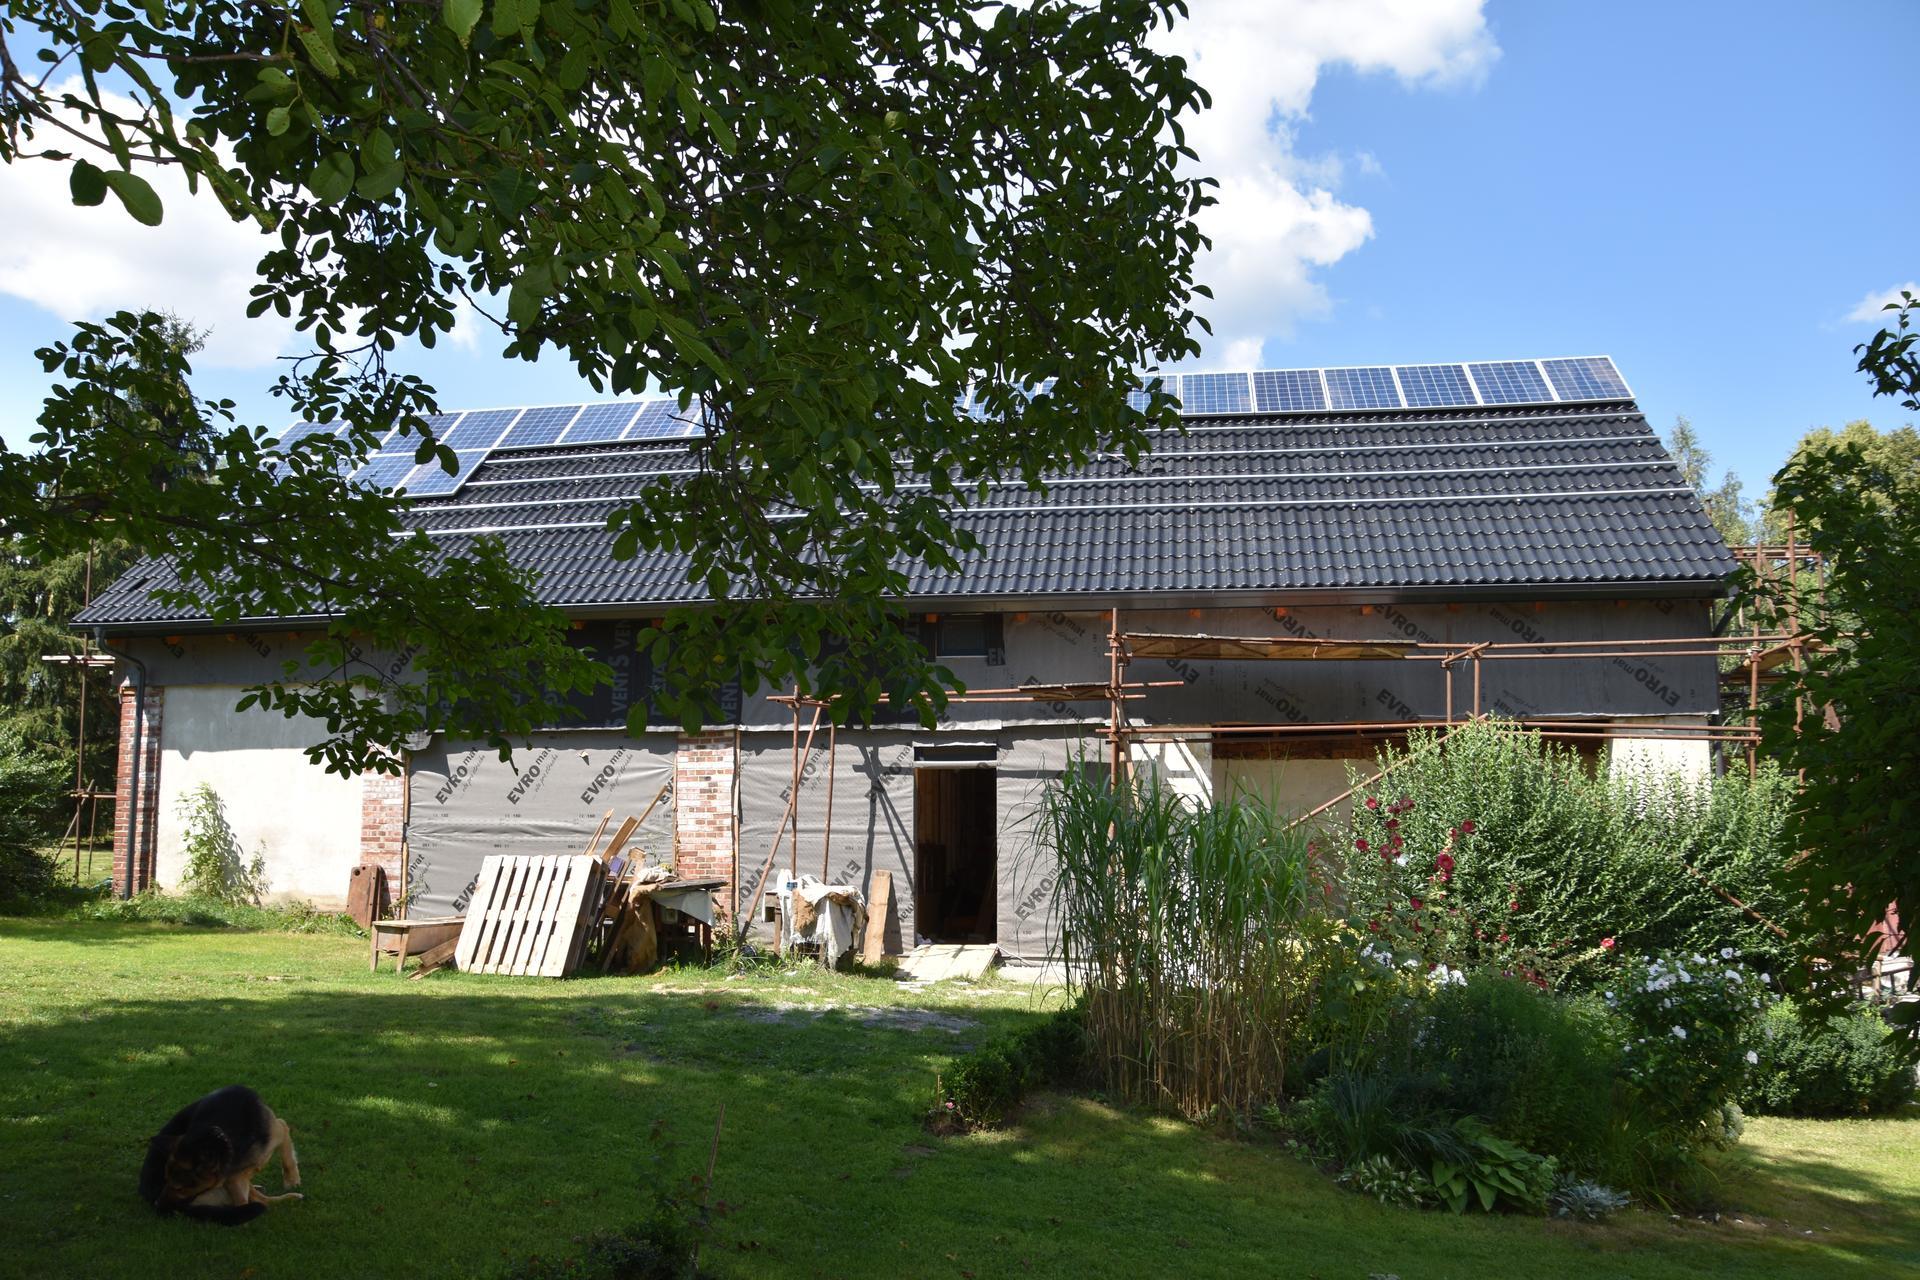 Na ranči u Štěpána začínáme z montáží fotovoltaických panelů. - Obrázek č. 1